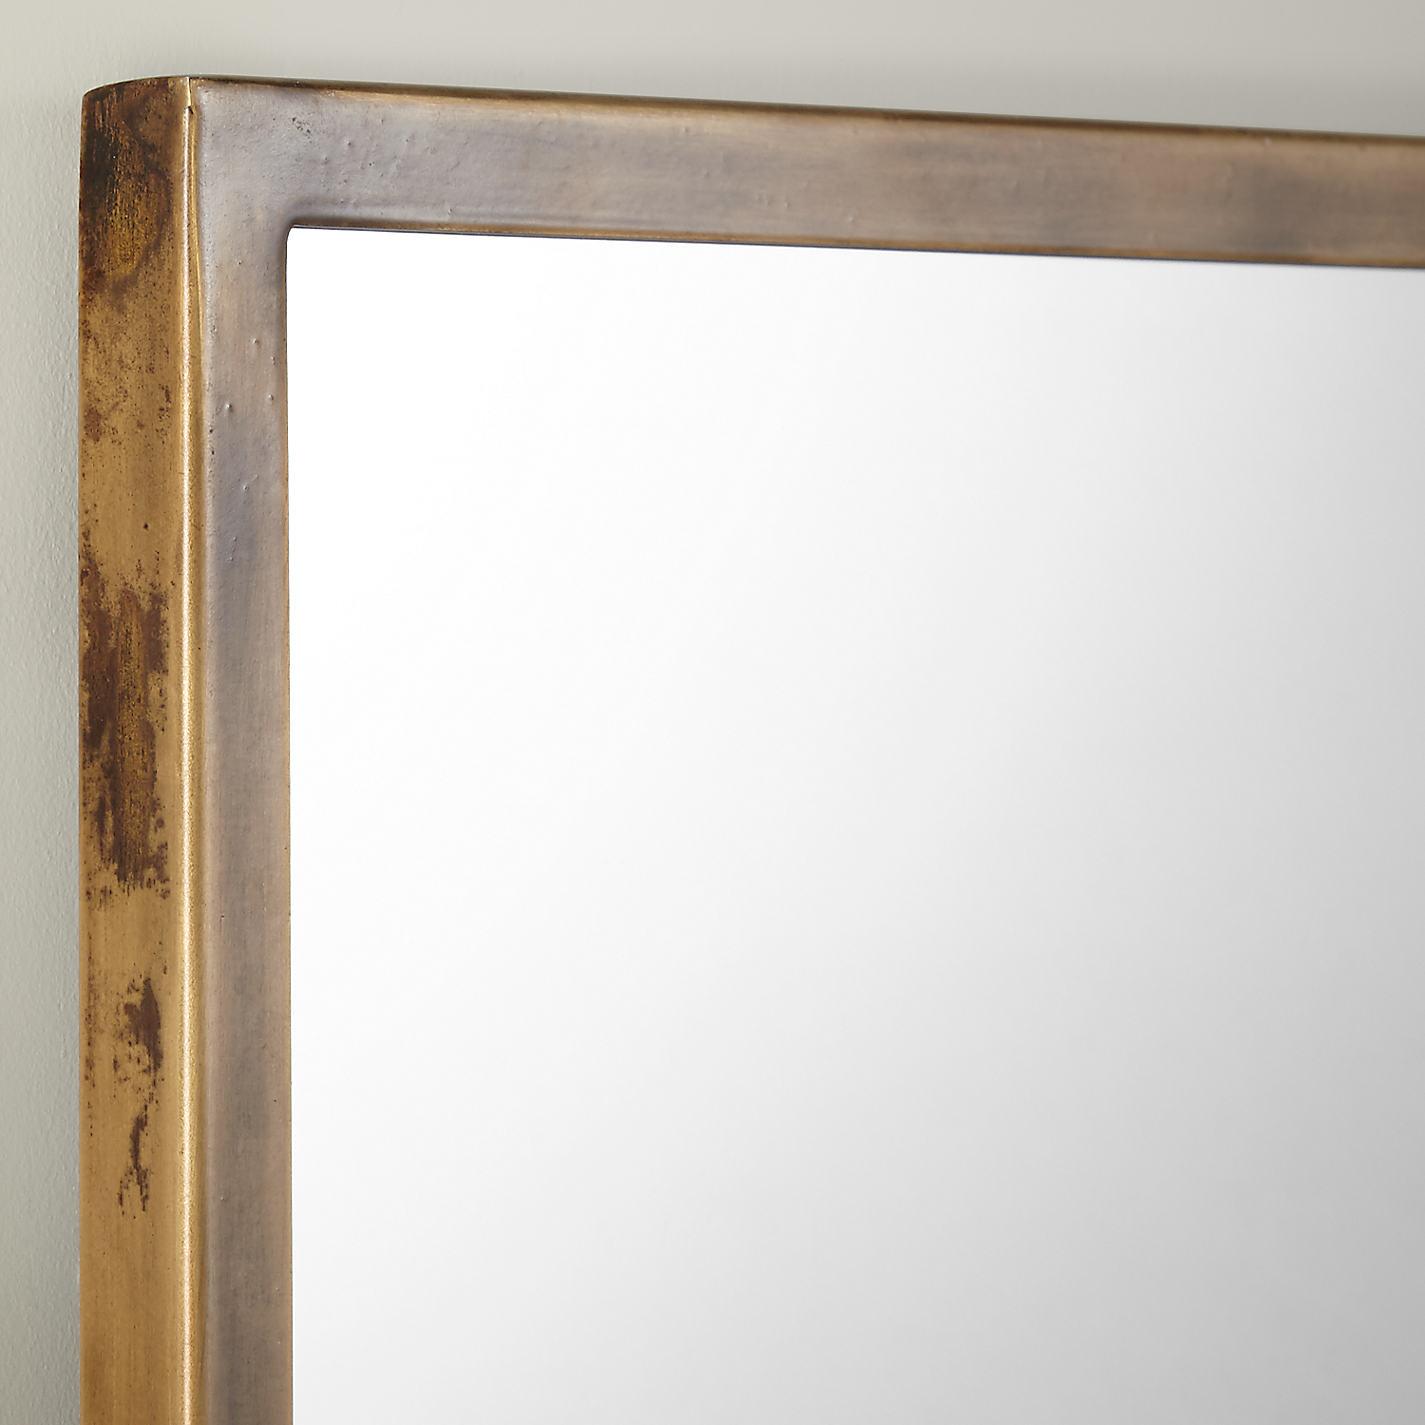 Antique Br Mirror Home Decorating Ideas Interior Design